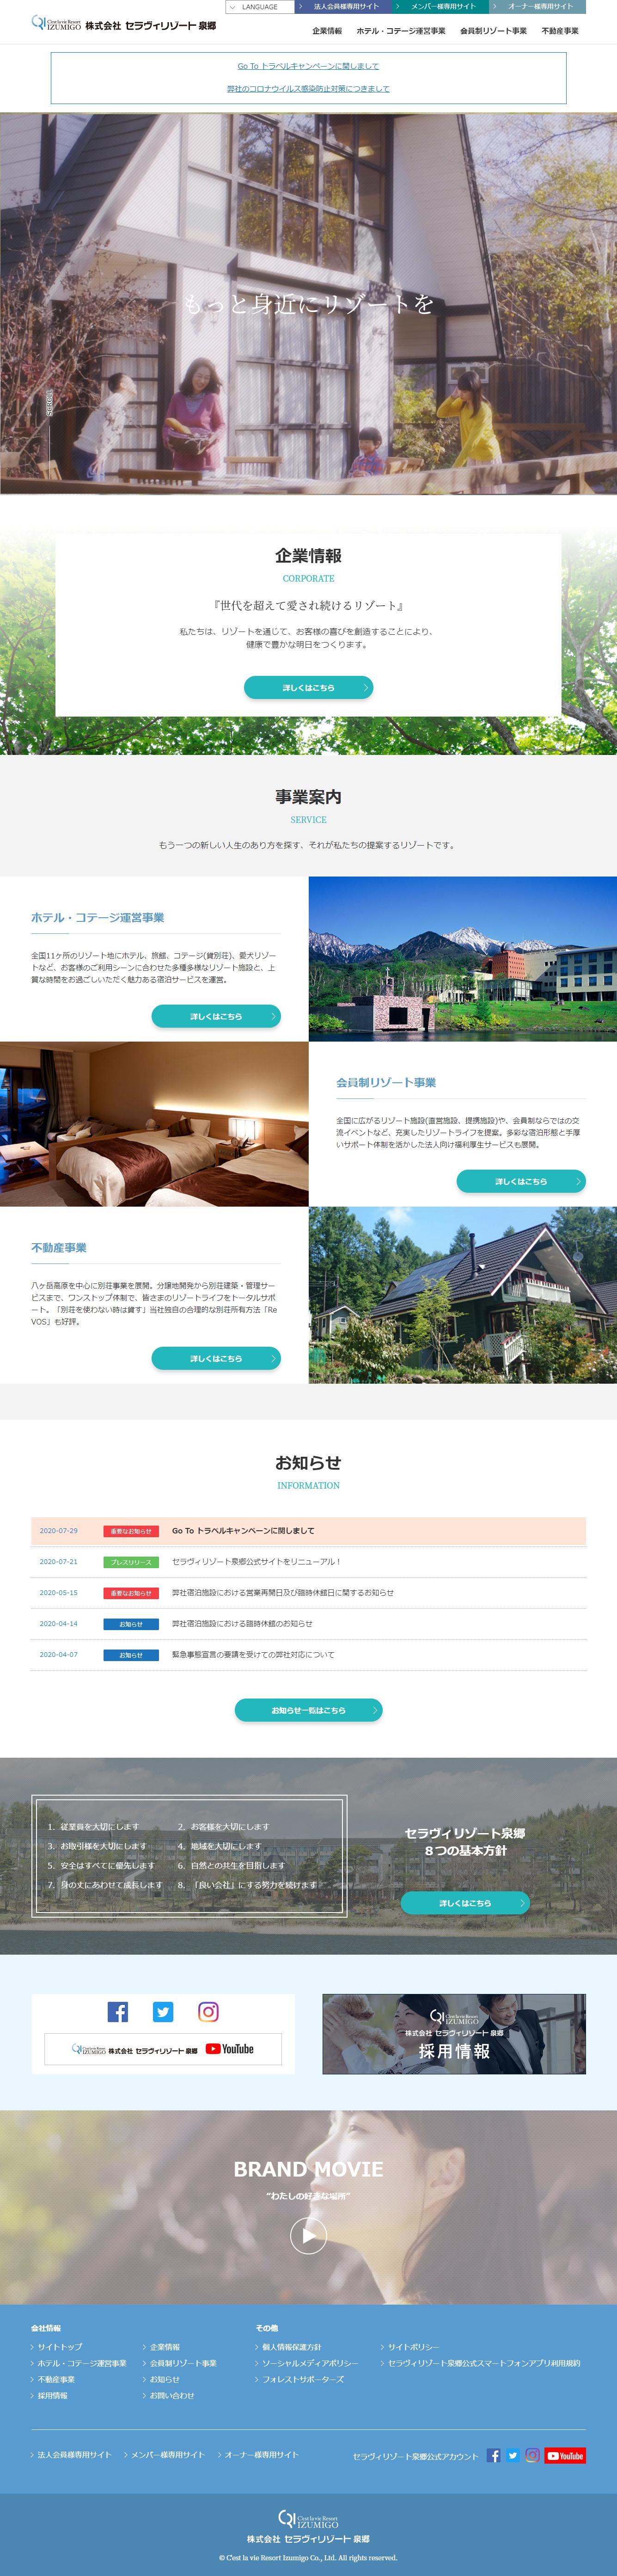 株式会社セラヴィリゾート泉郷 様 総合WEBサイト